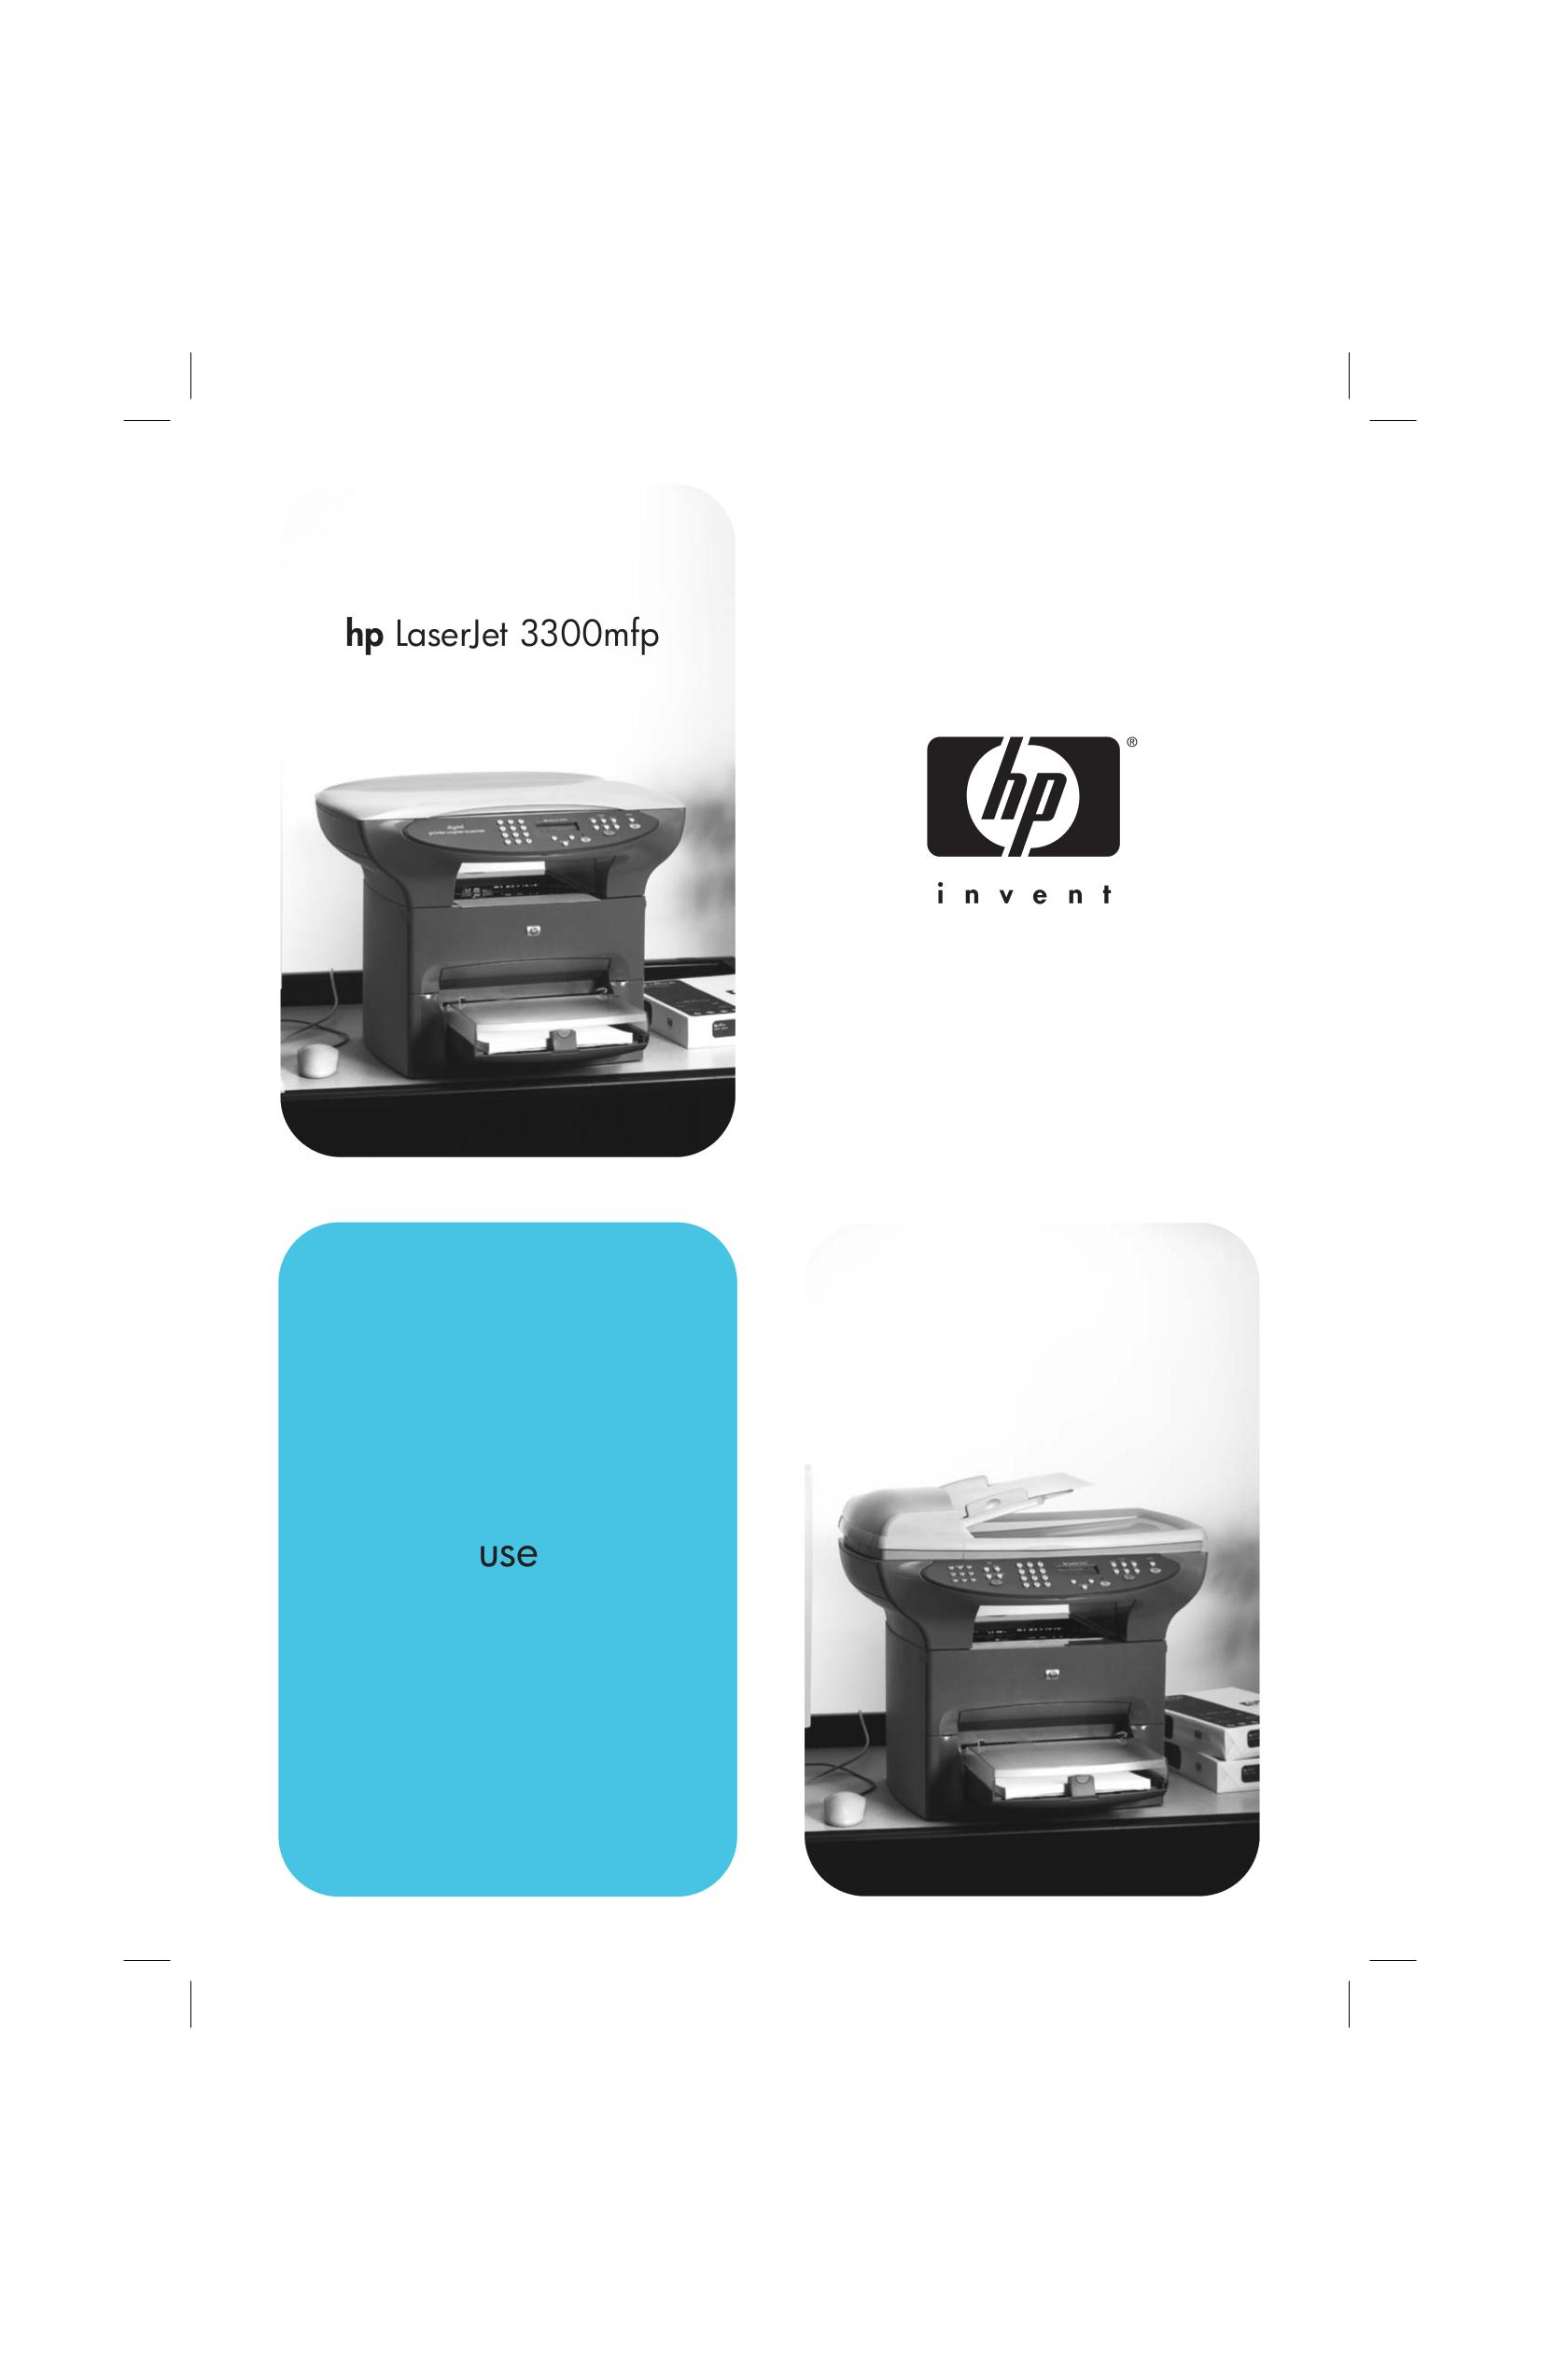 download free pdf for hp laserjet color laserjet 3330 multifunction rh umlib com hp laserjet 3330 service manual hp laserjet 3300 service manual pdf